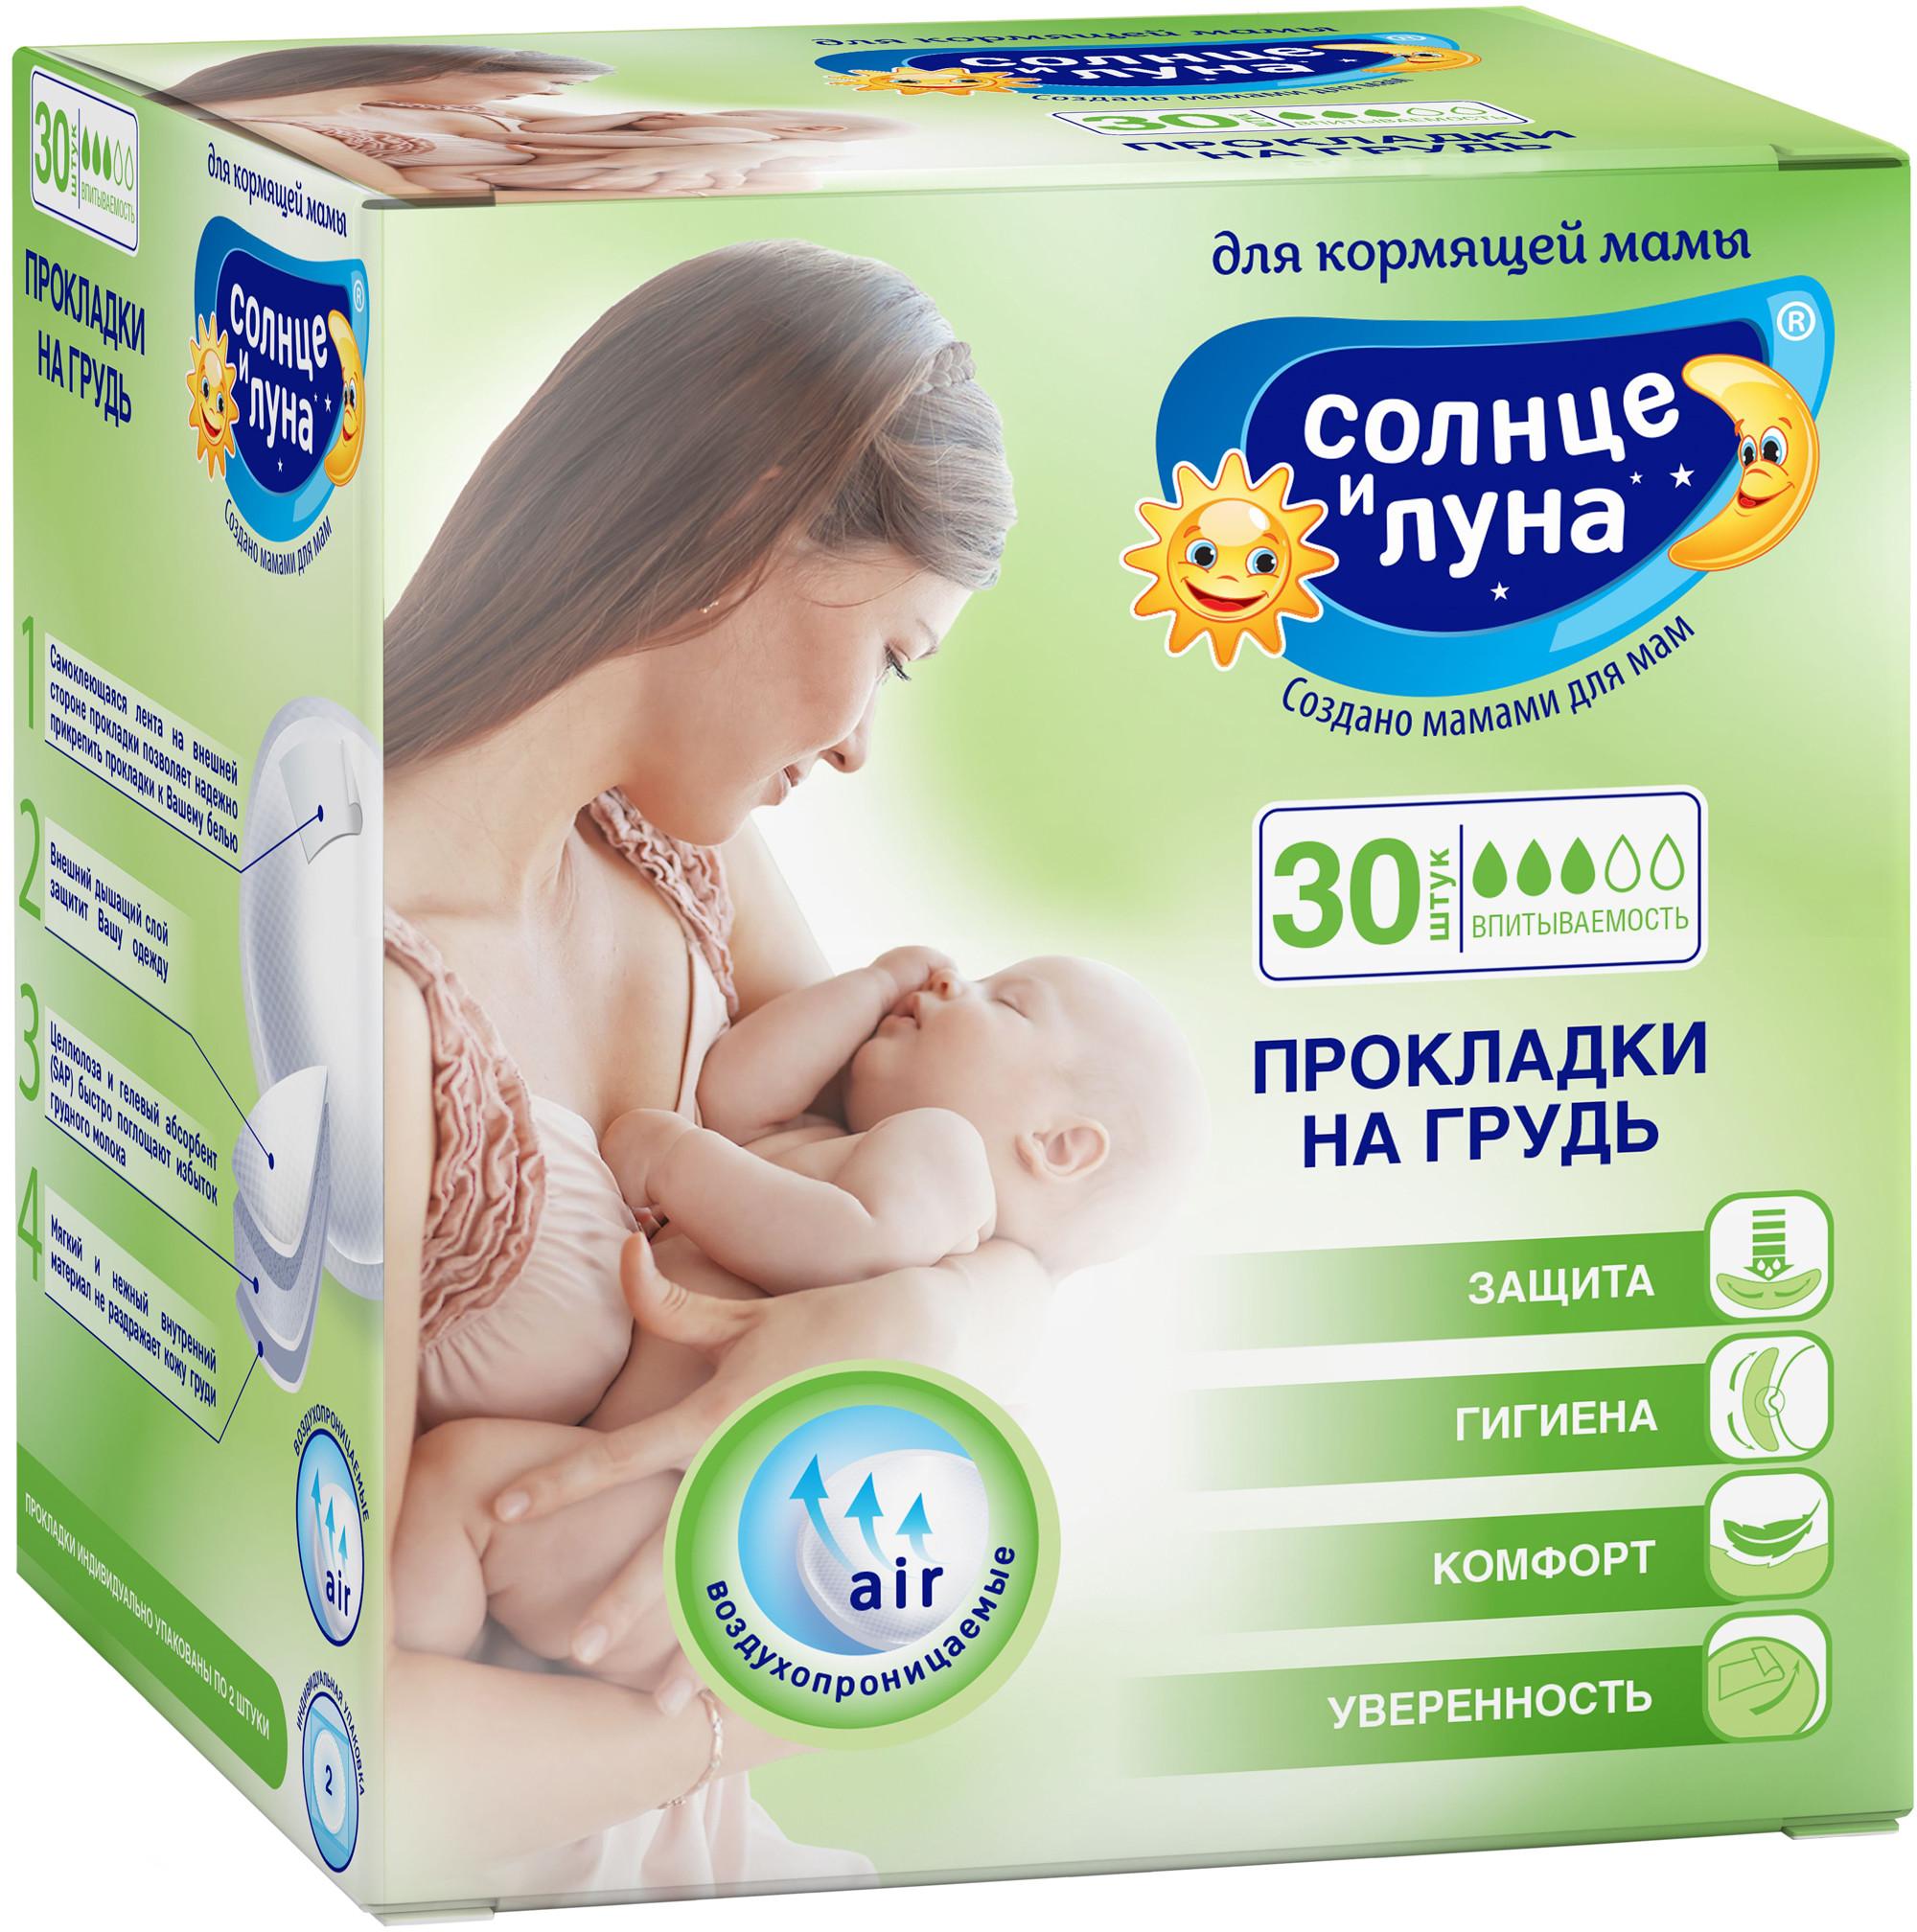 Прокладки для груди Солнце и Луна Солнце и Луна солнце и луна прокладки на грудь гелевые для кормящих мам 30 шт